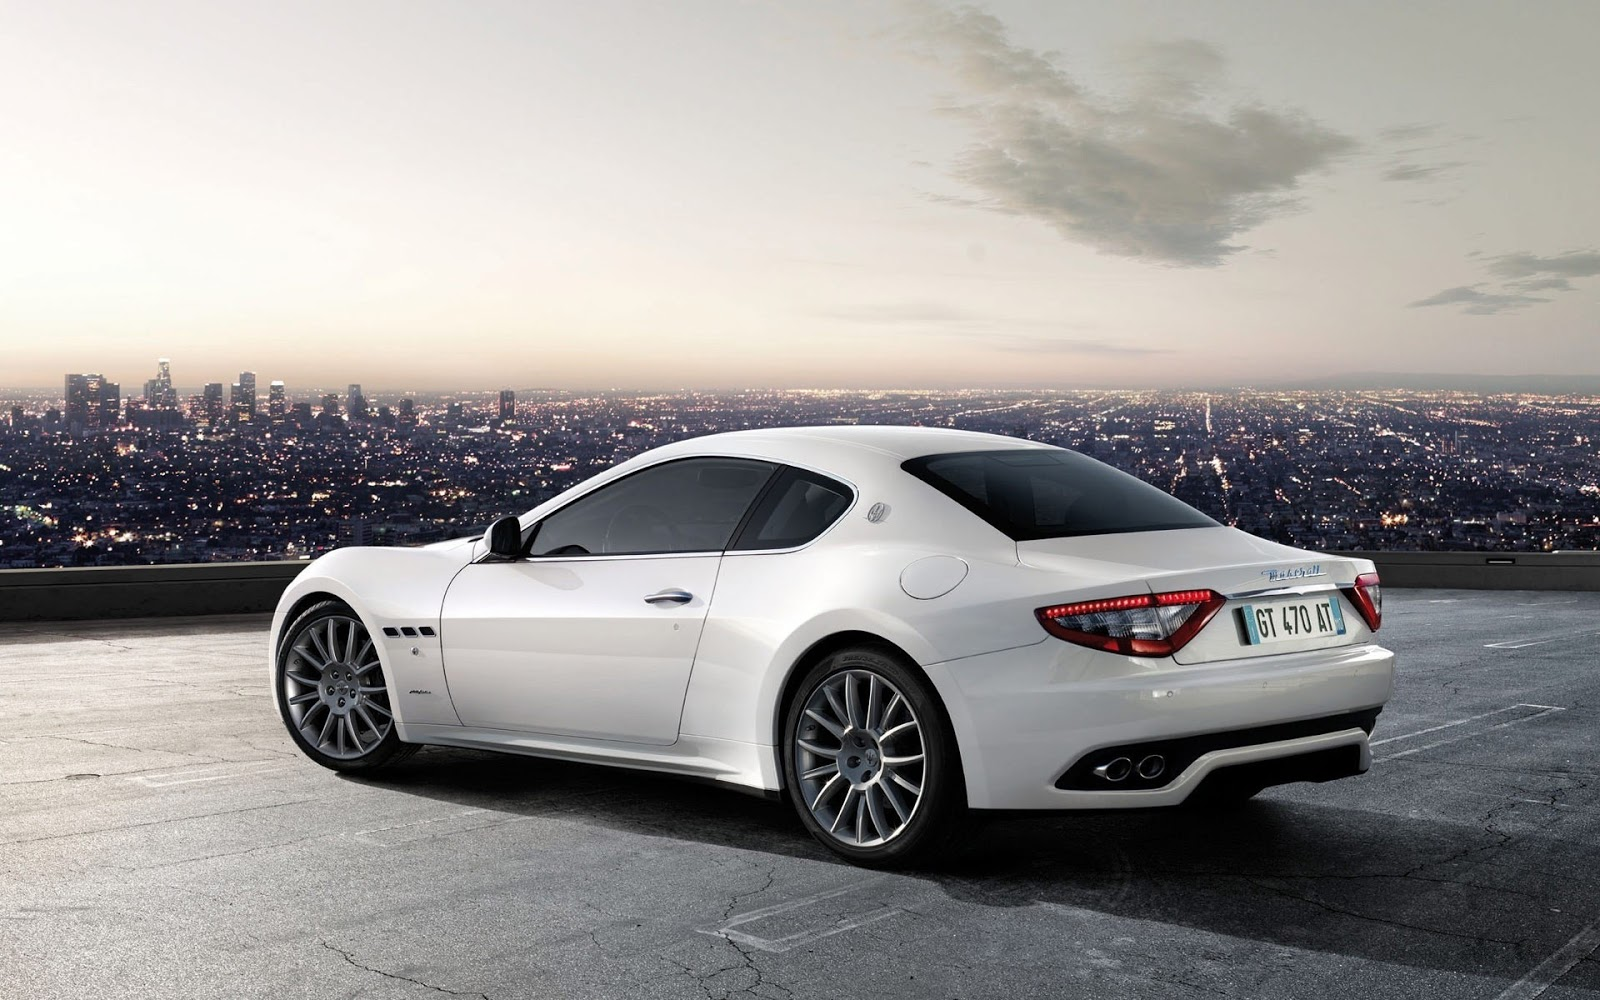 http://3.bp.blogspot.com/-Am48ds1eJiA/UQQN1ftBkXI/AAAAAAAAAso/lmR0fwutOtQ/s1600/Maserati+Granturismo+S+Auto+Wallpaper.jpg